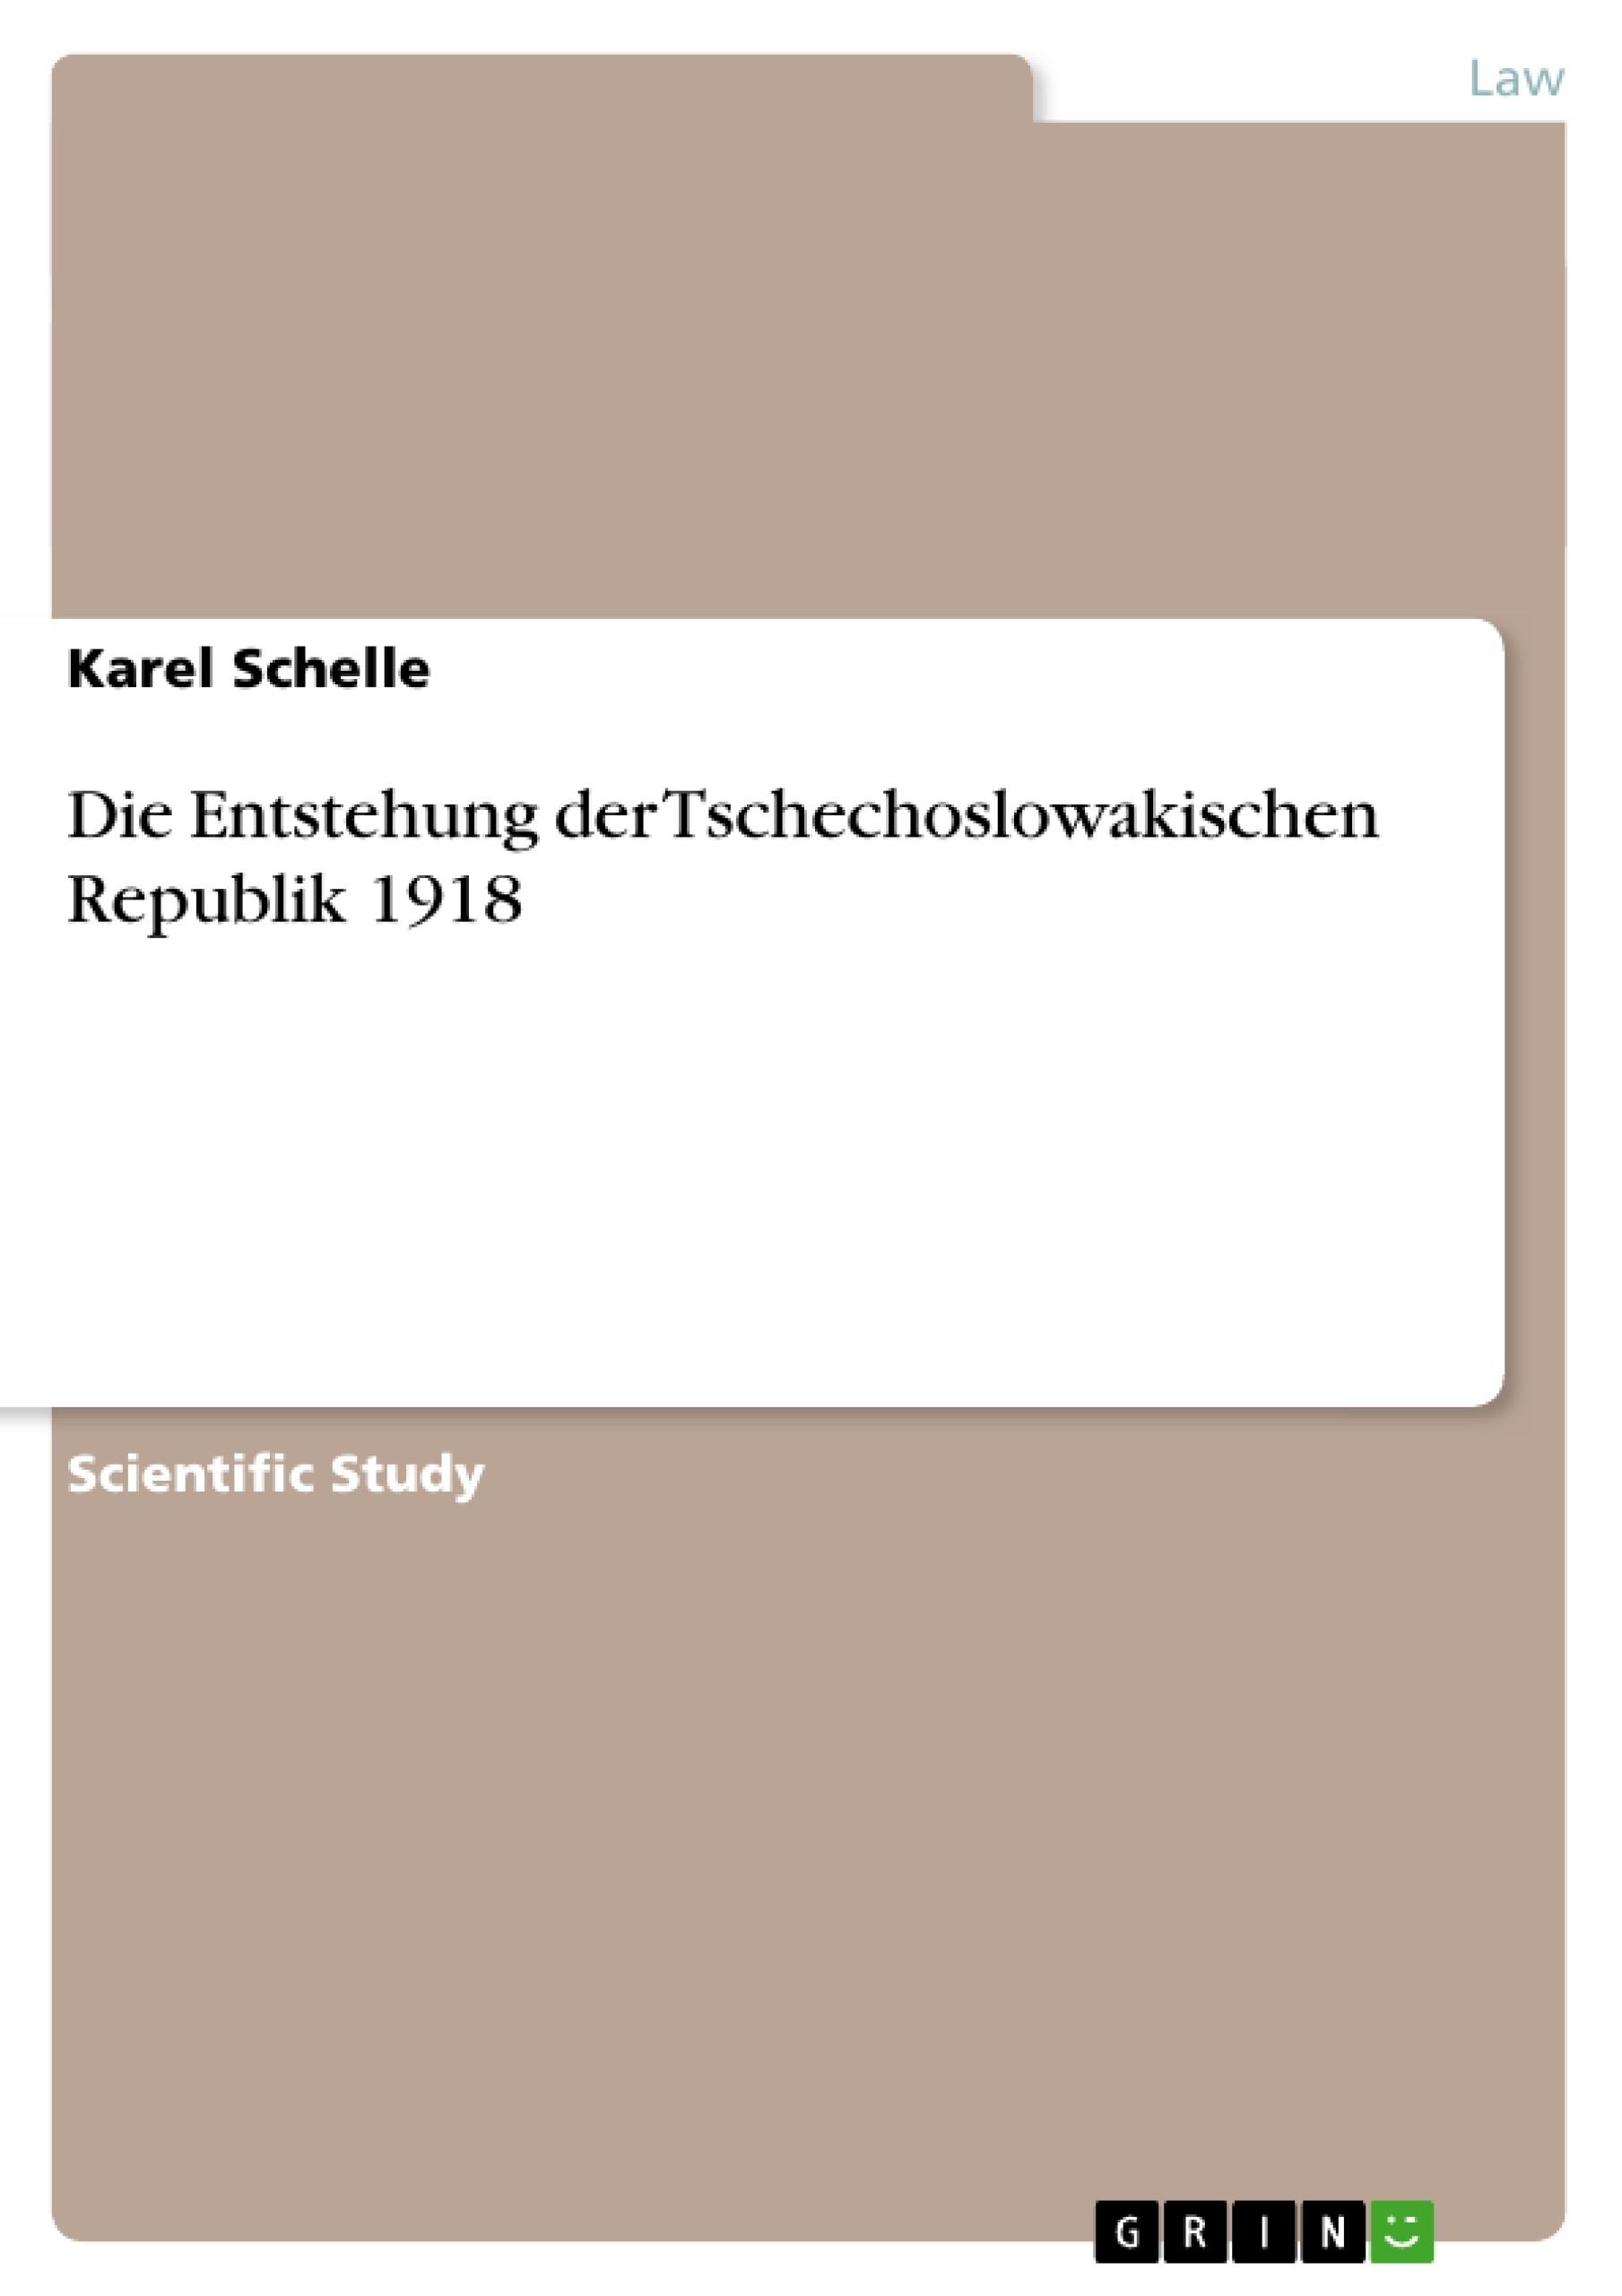 Title: Die Entstehung der Tschechoslowakischen Republik 1918